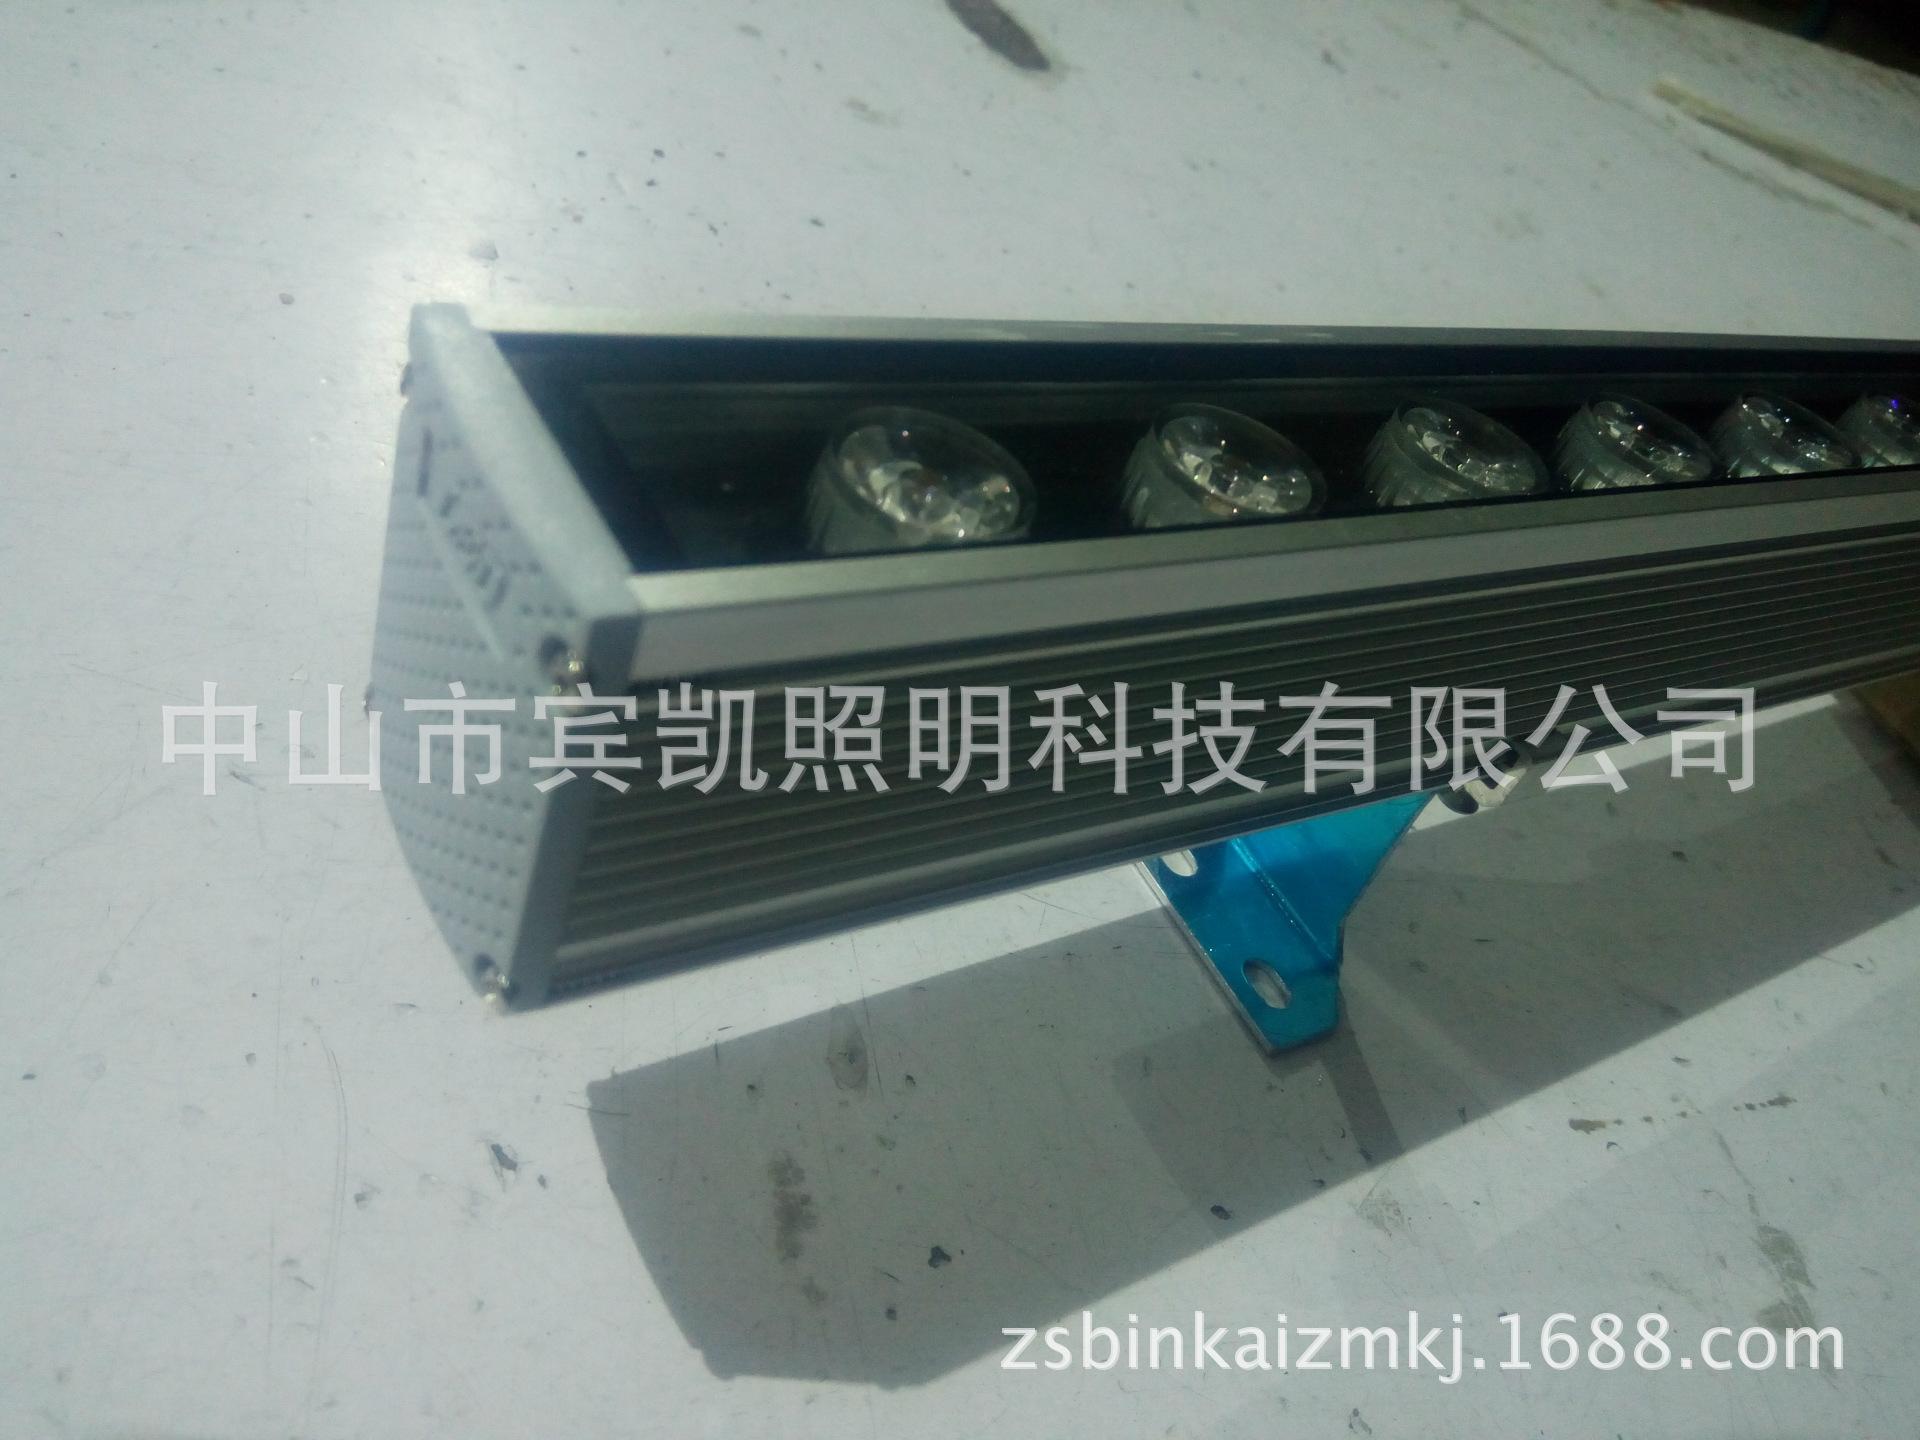 36w洗墙灯 led洗墙灯18w 小功率led洗墙灯 LED洗墙灯 线条灯示例图10